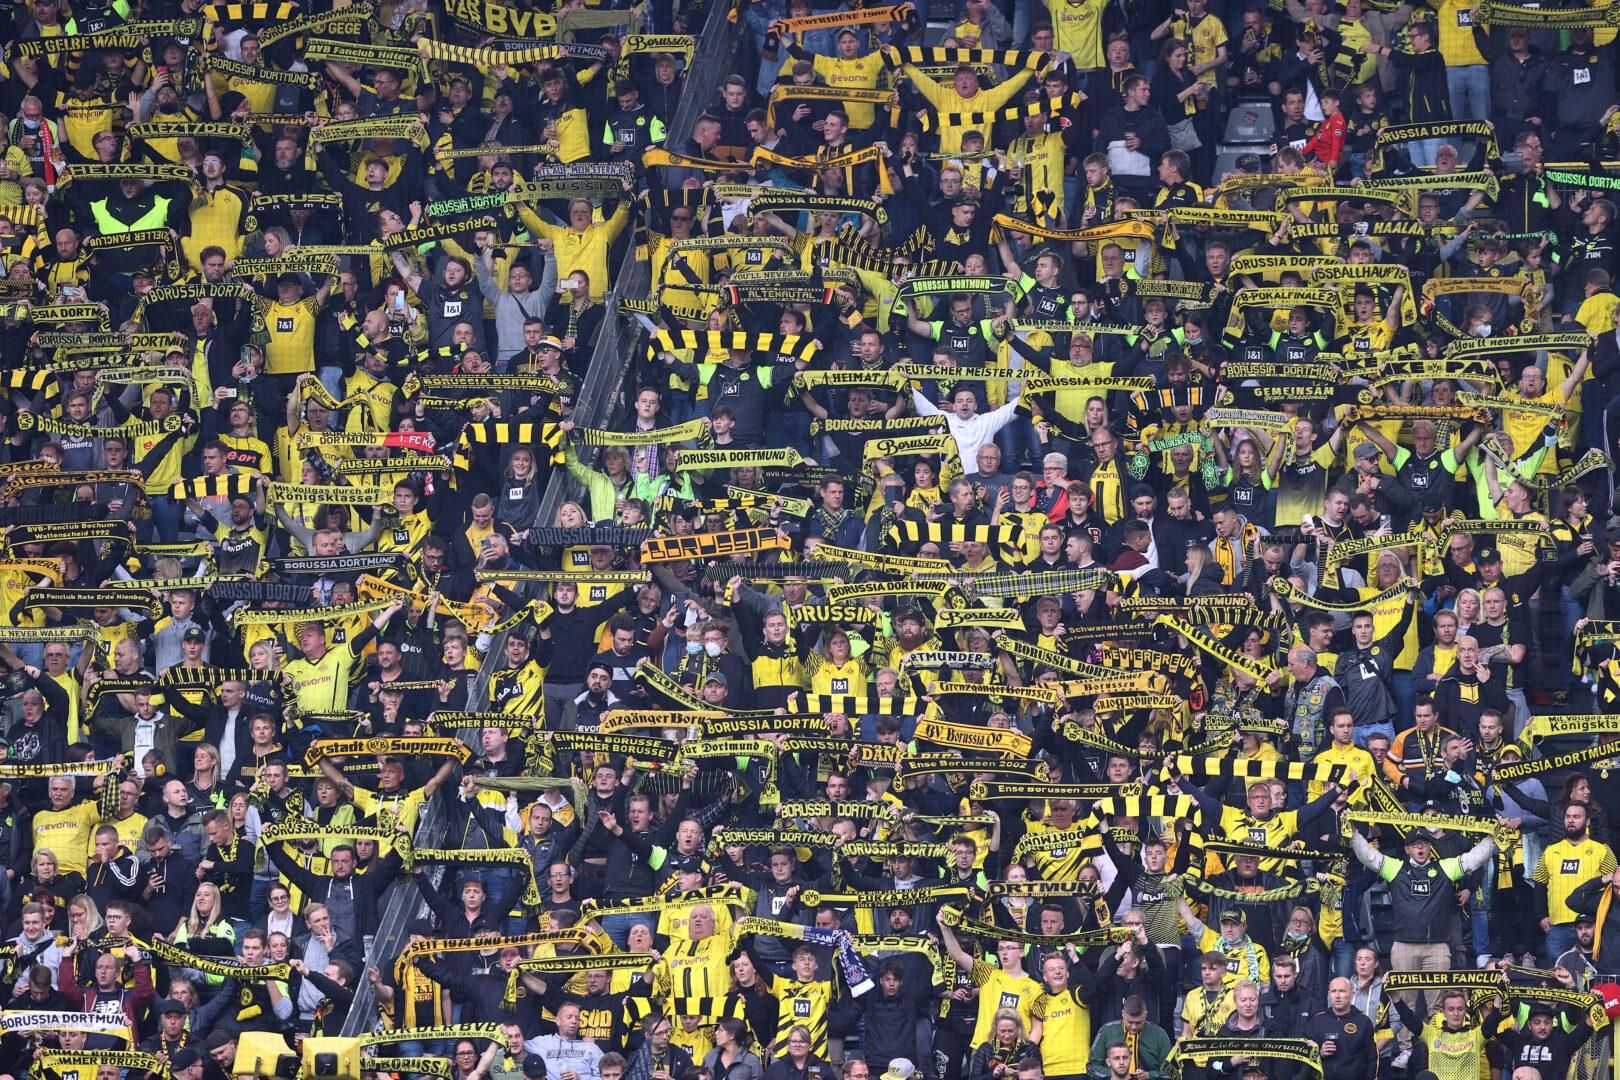 Die Fans des BVB beim Heimspiel gegen den FC Augsburg